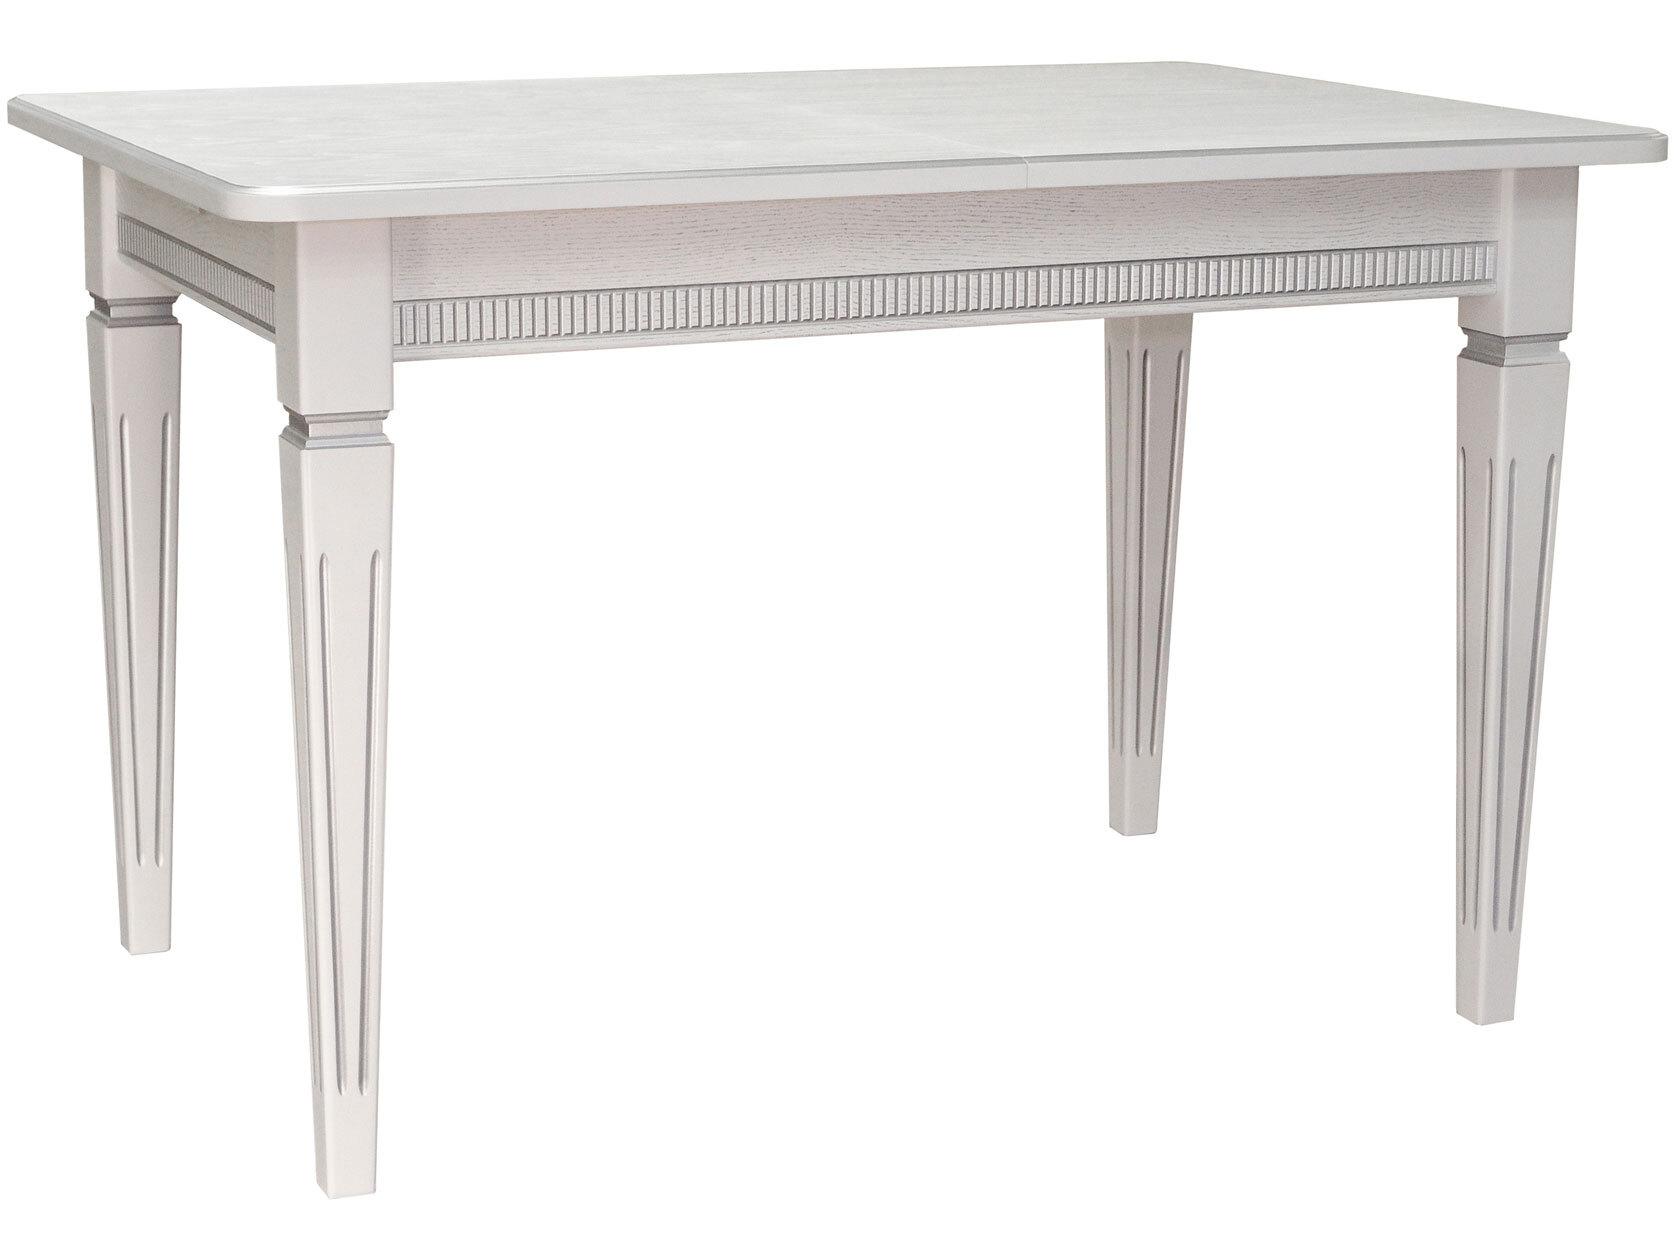 Кухонный стол Васко В 86Н раздвижной 120(170)х80 Белый/Патина серебро